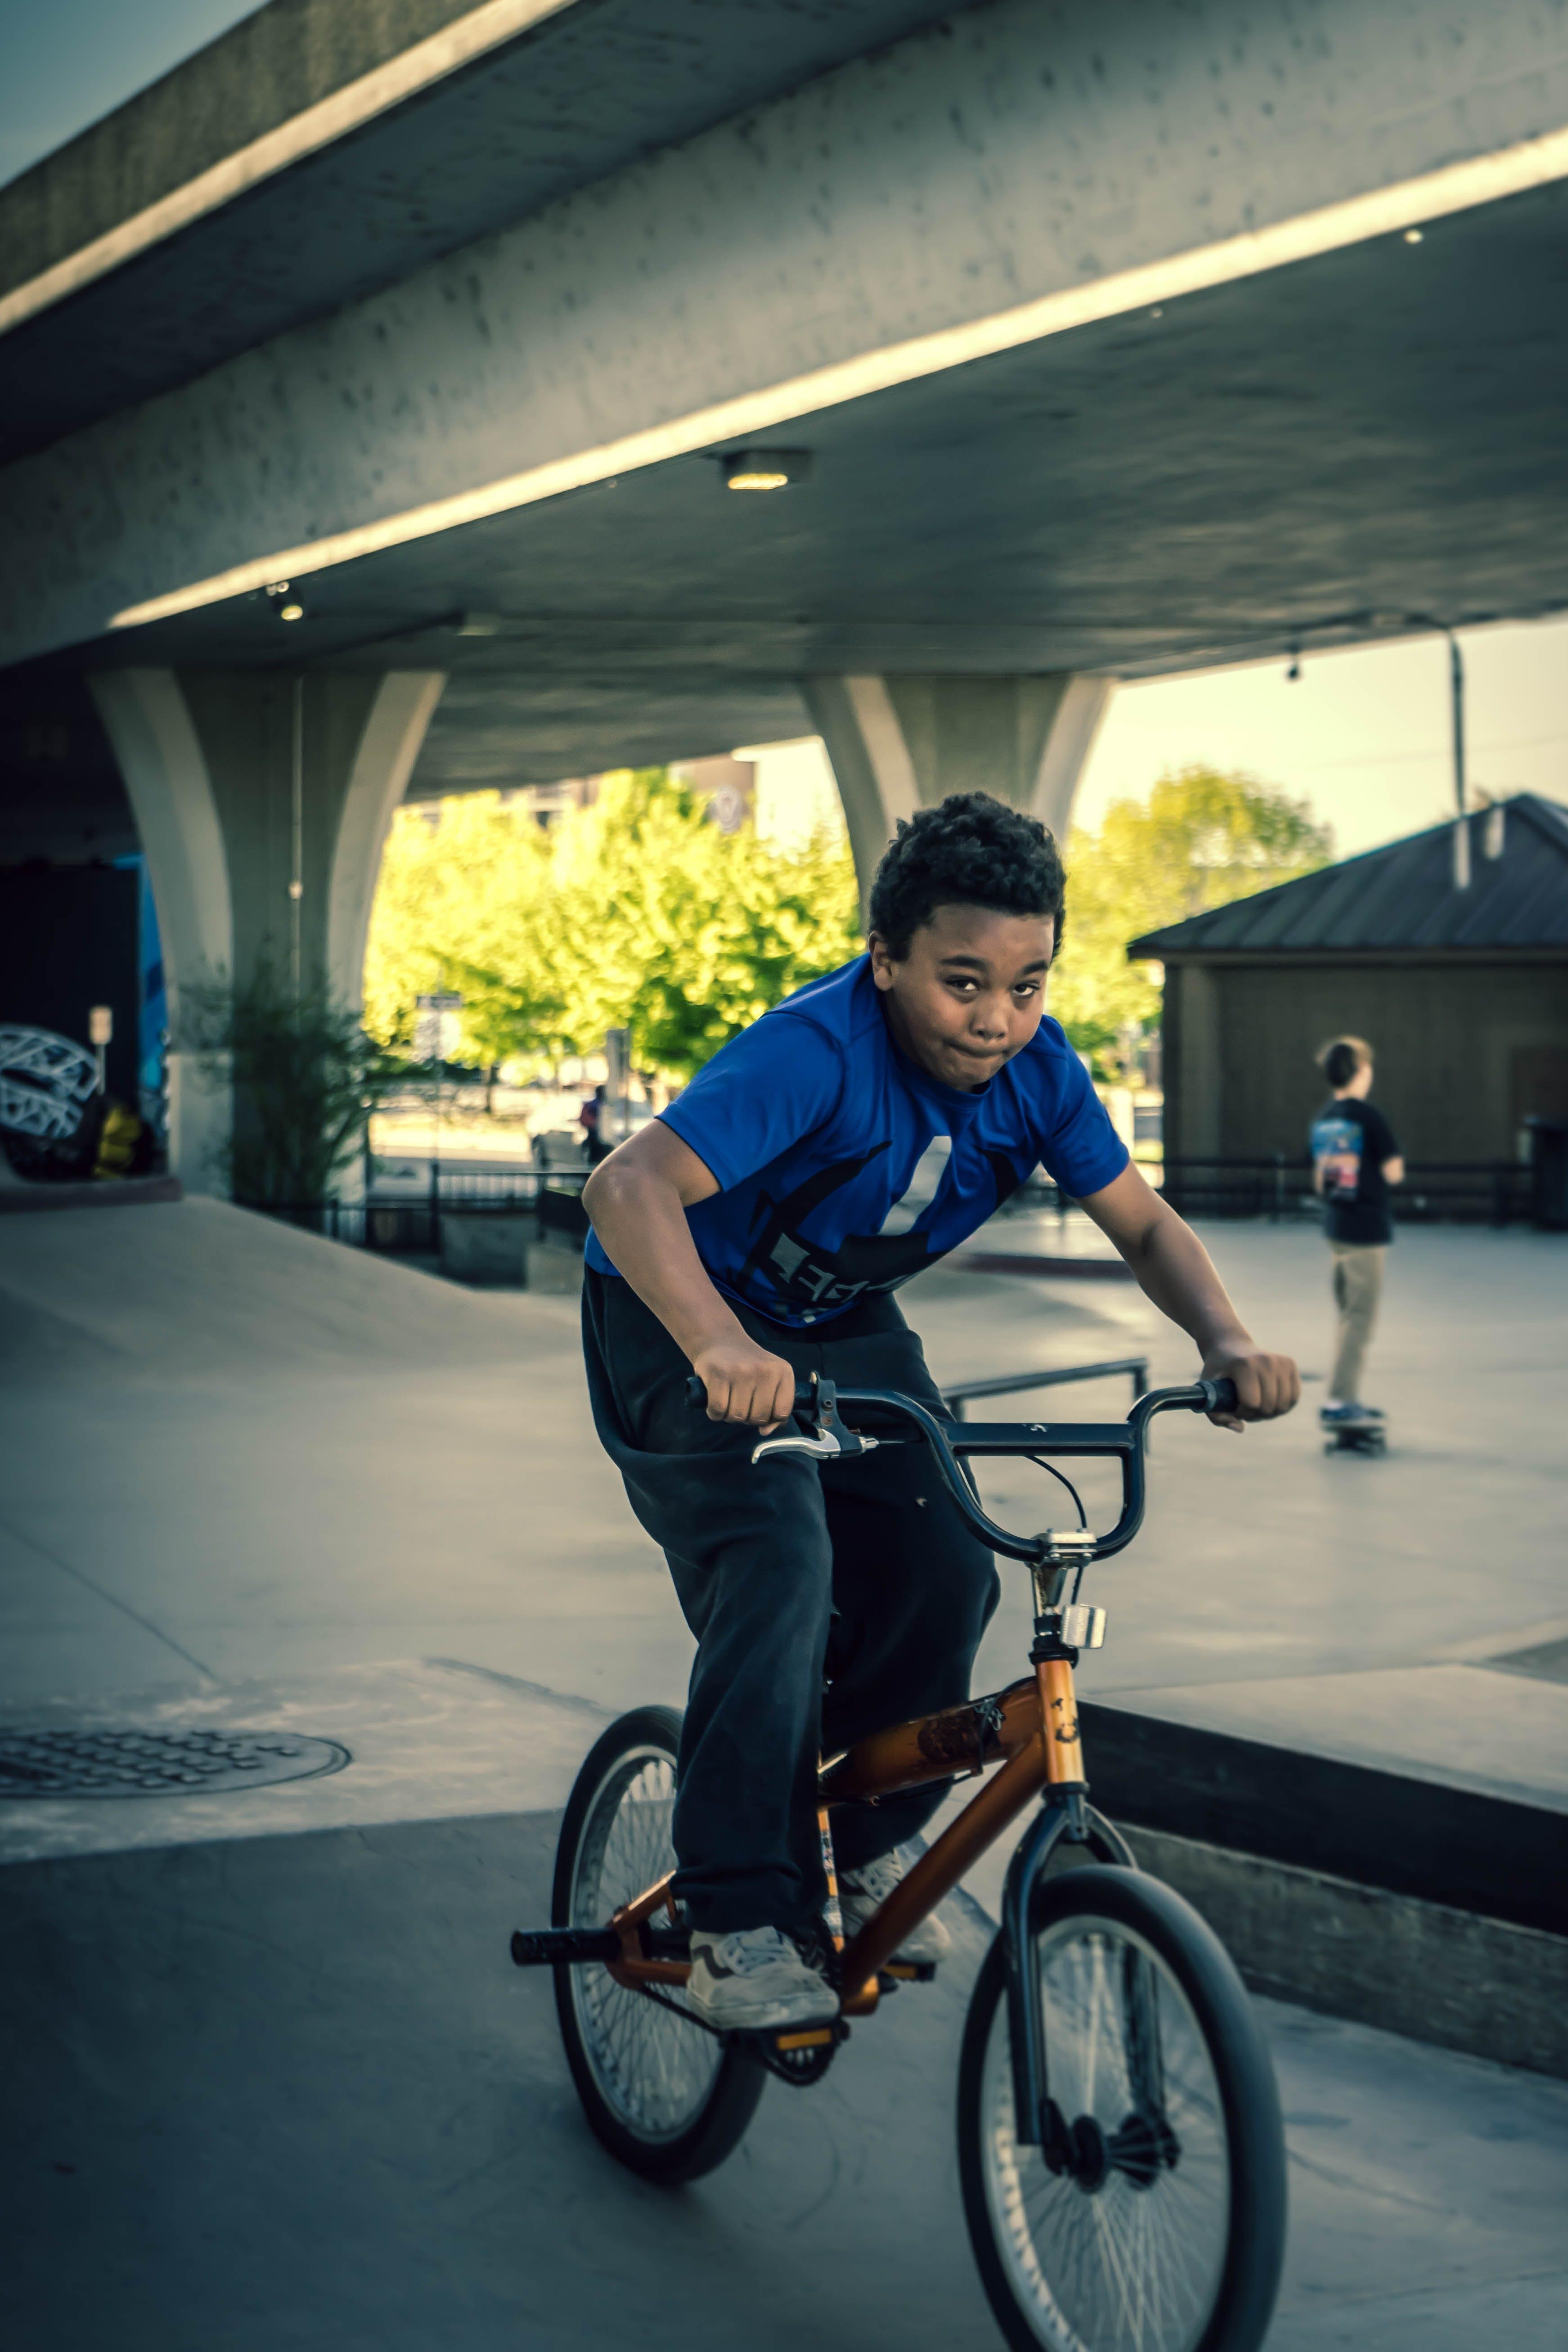 Immagine gratuita di bicicletta, parco, ragazzo afroamericano, skate park